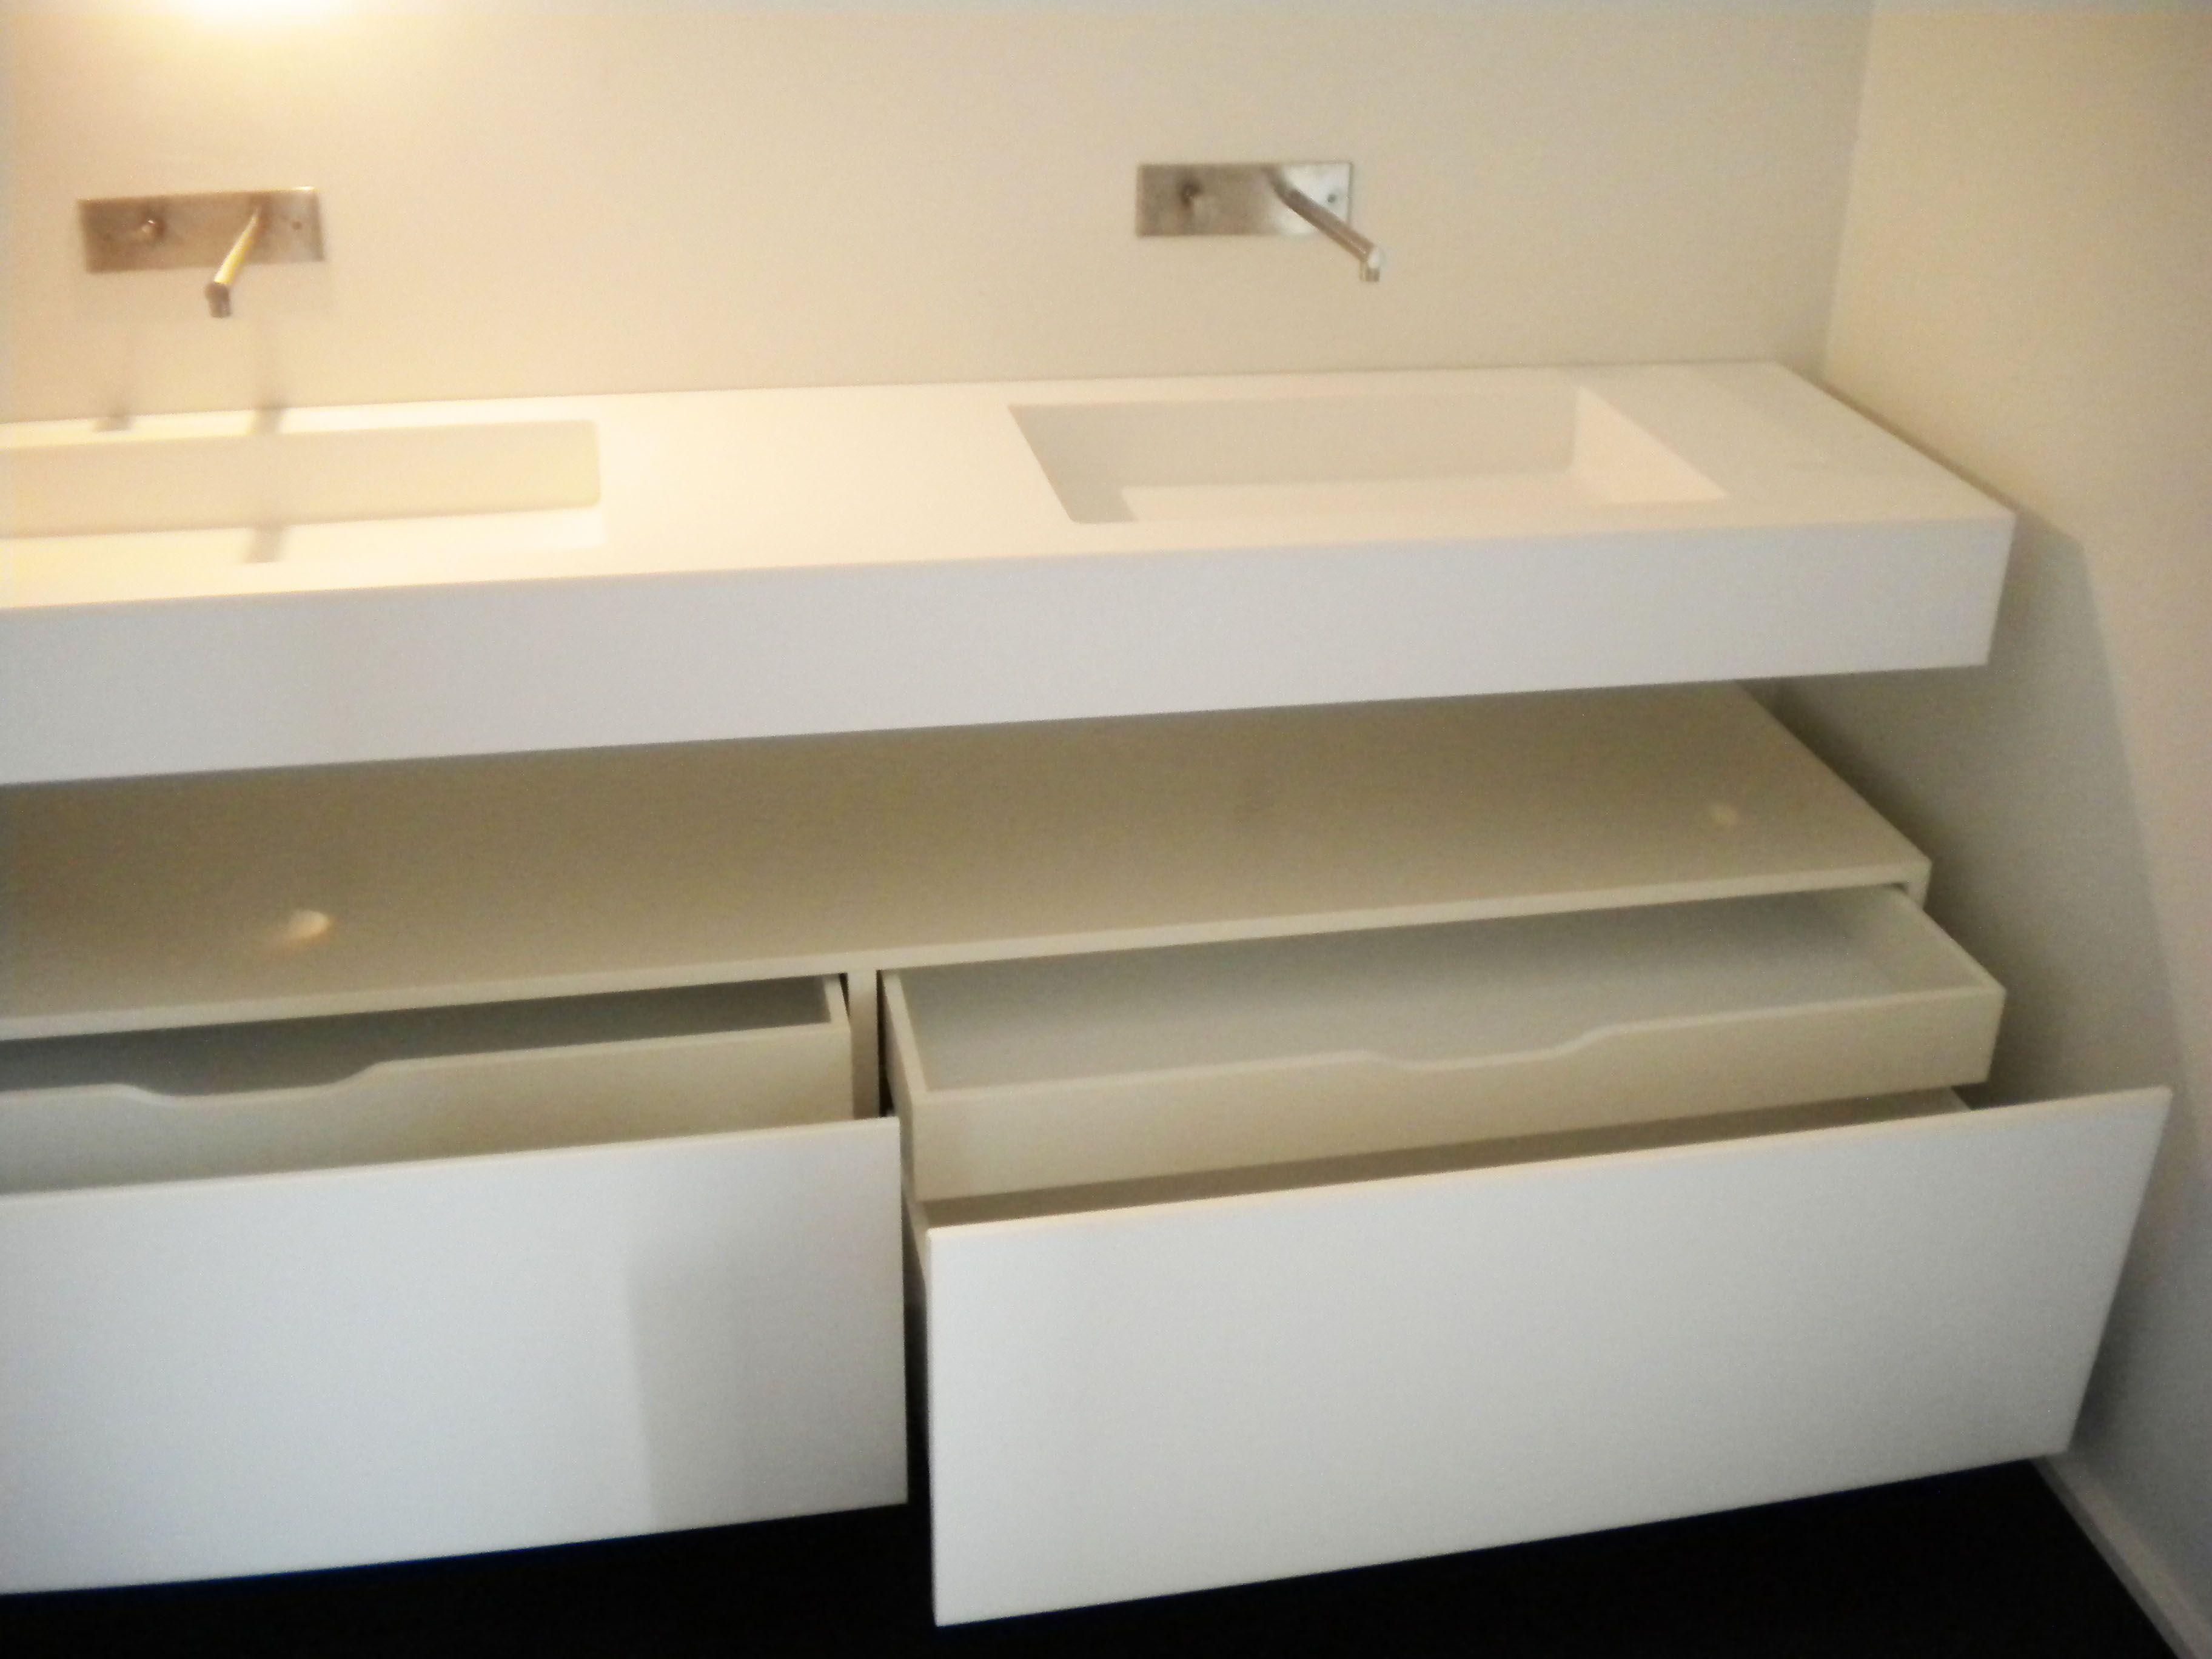 Mobile Da Bagno Ikea : Mobile sottolavabo bagno ikea mobile sottolavabo bagno moderno